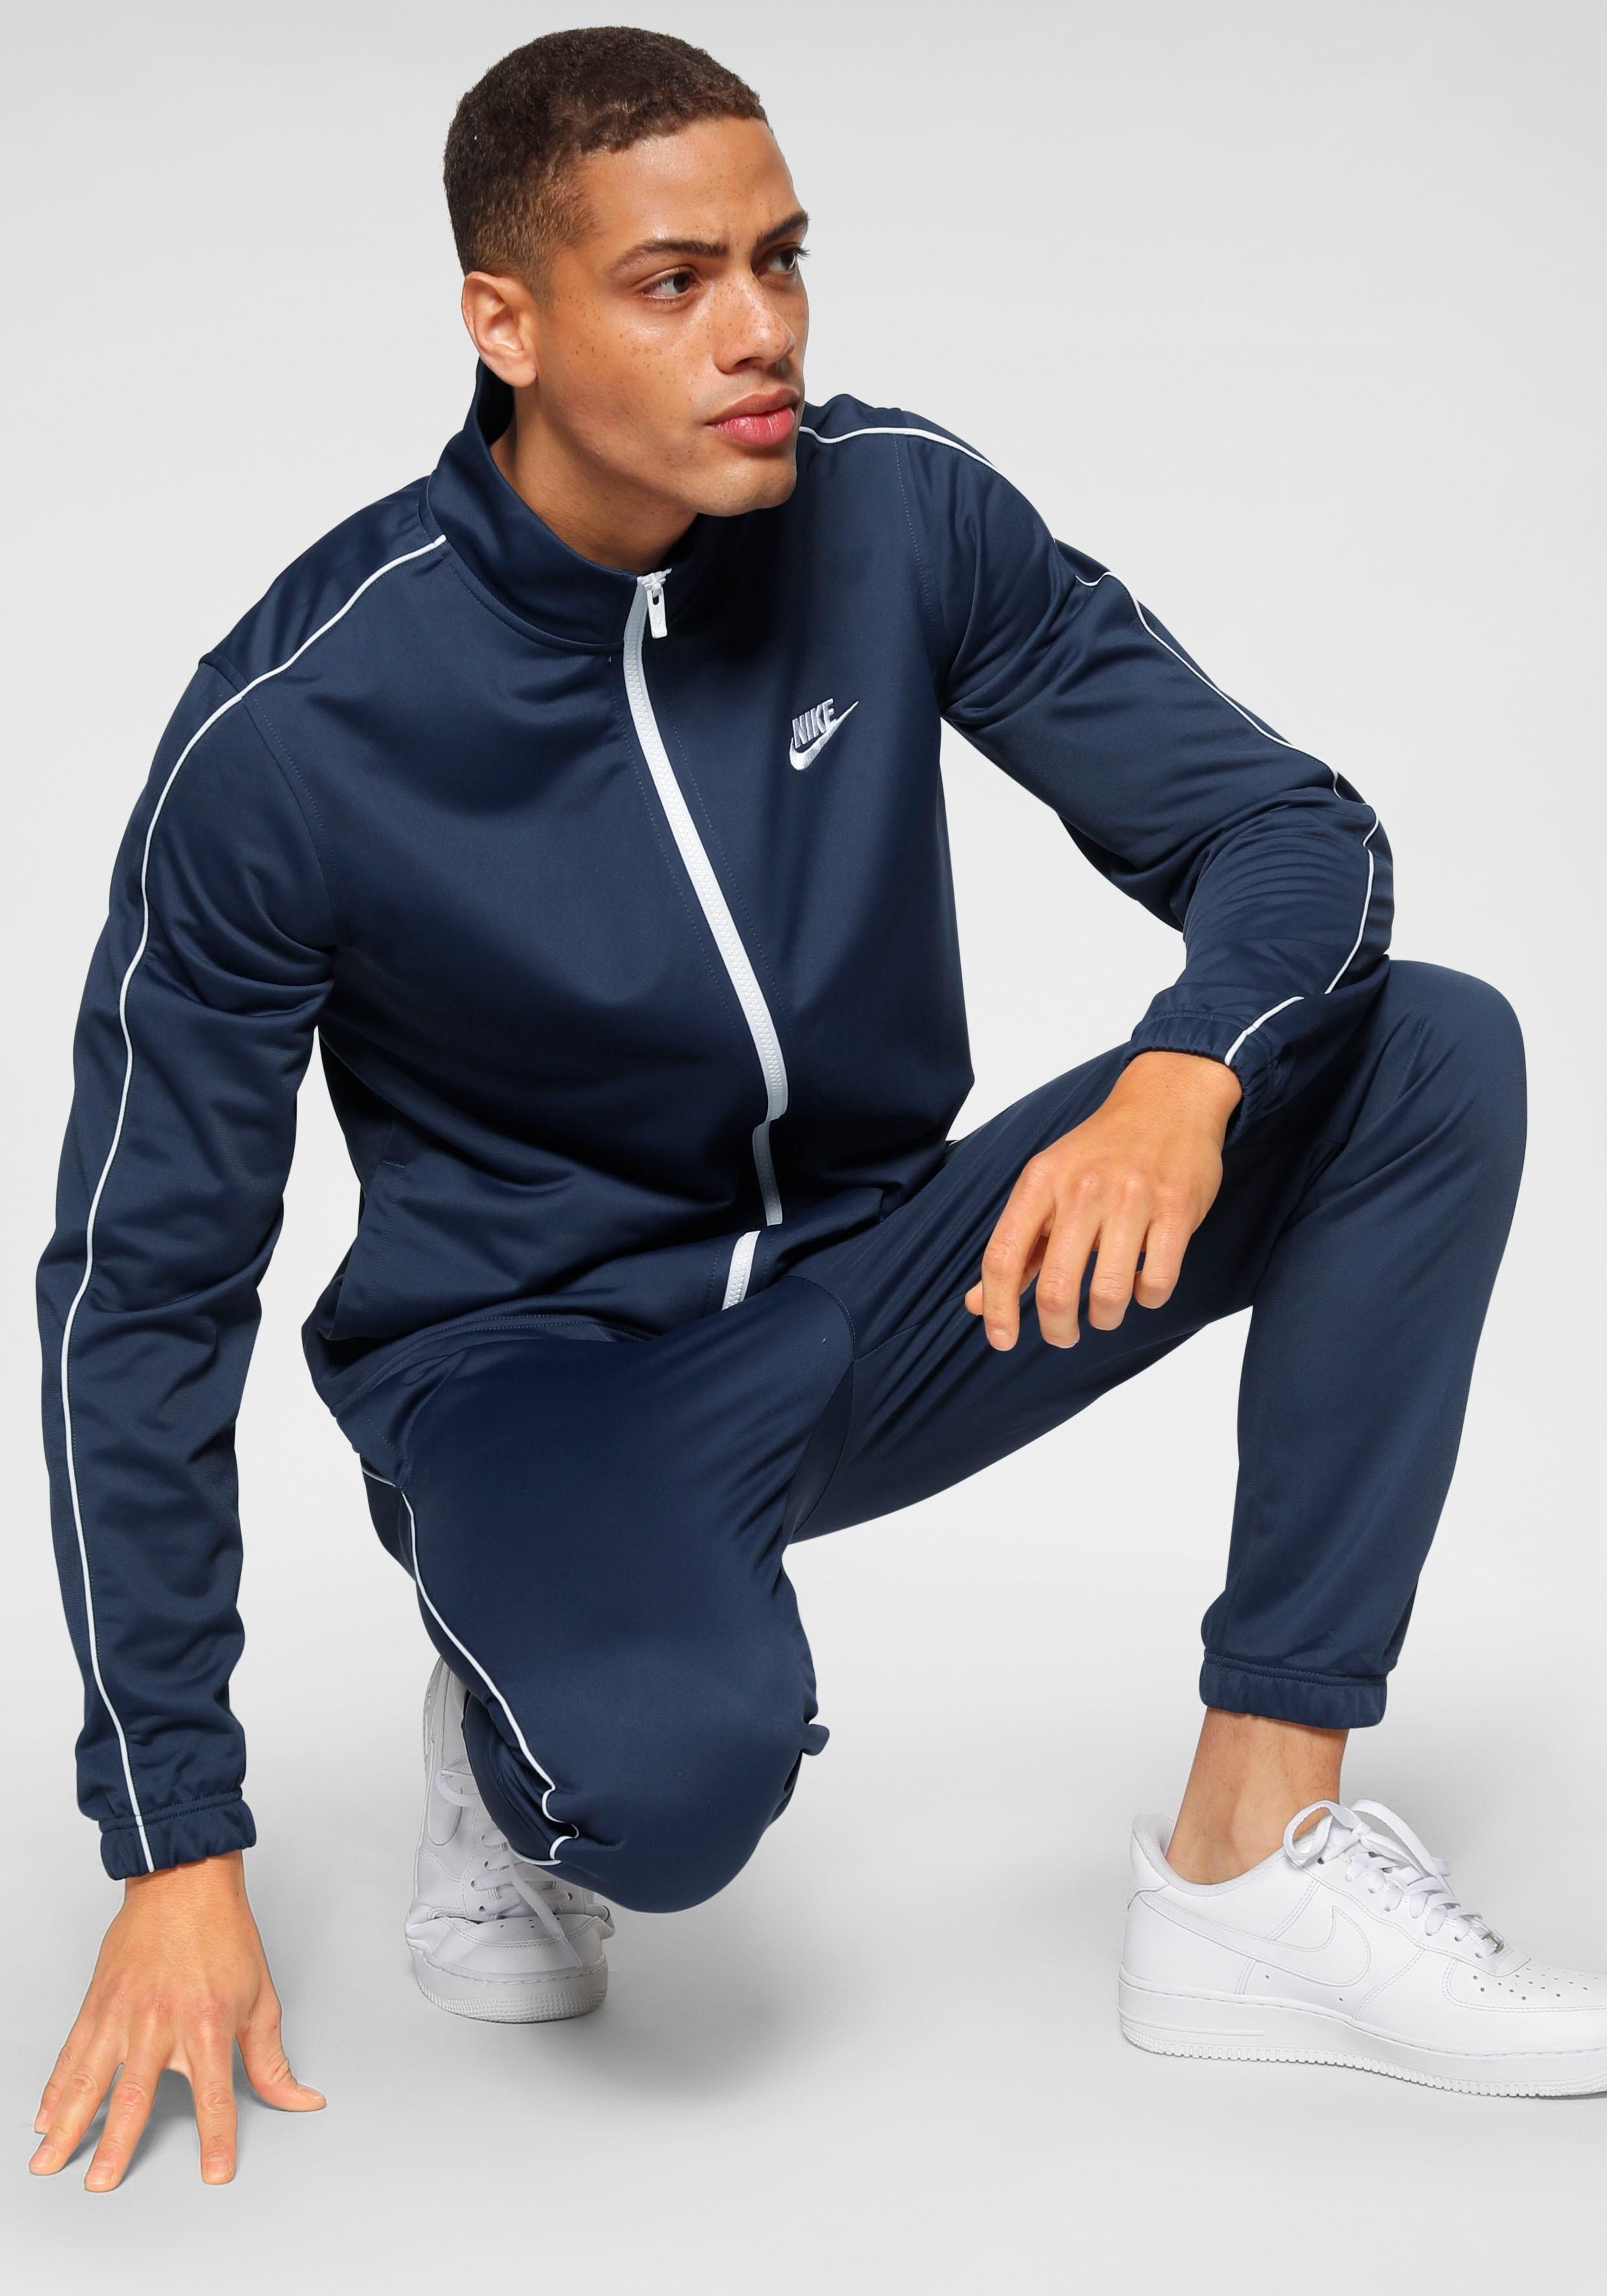 Nike Sportswear joggingpak »M NSW CE TRK SUIT PK BASIC« (2-delige set) nu online kopen bij OTTO